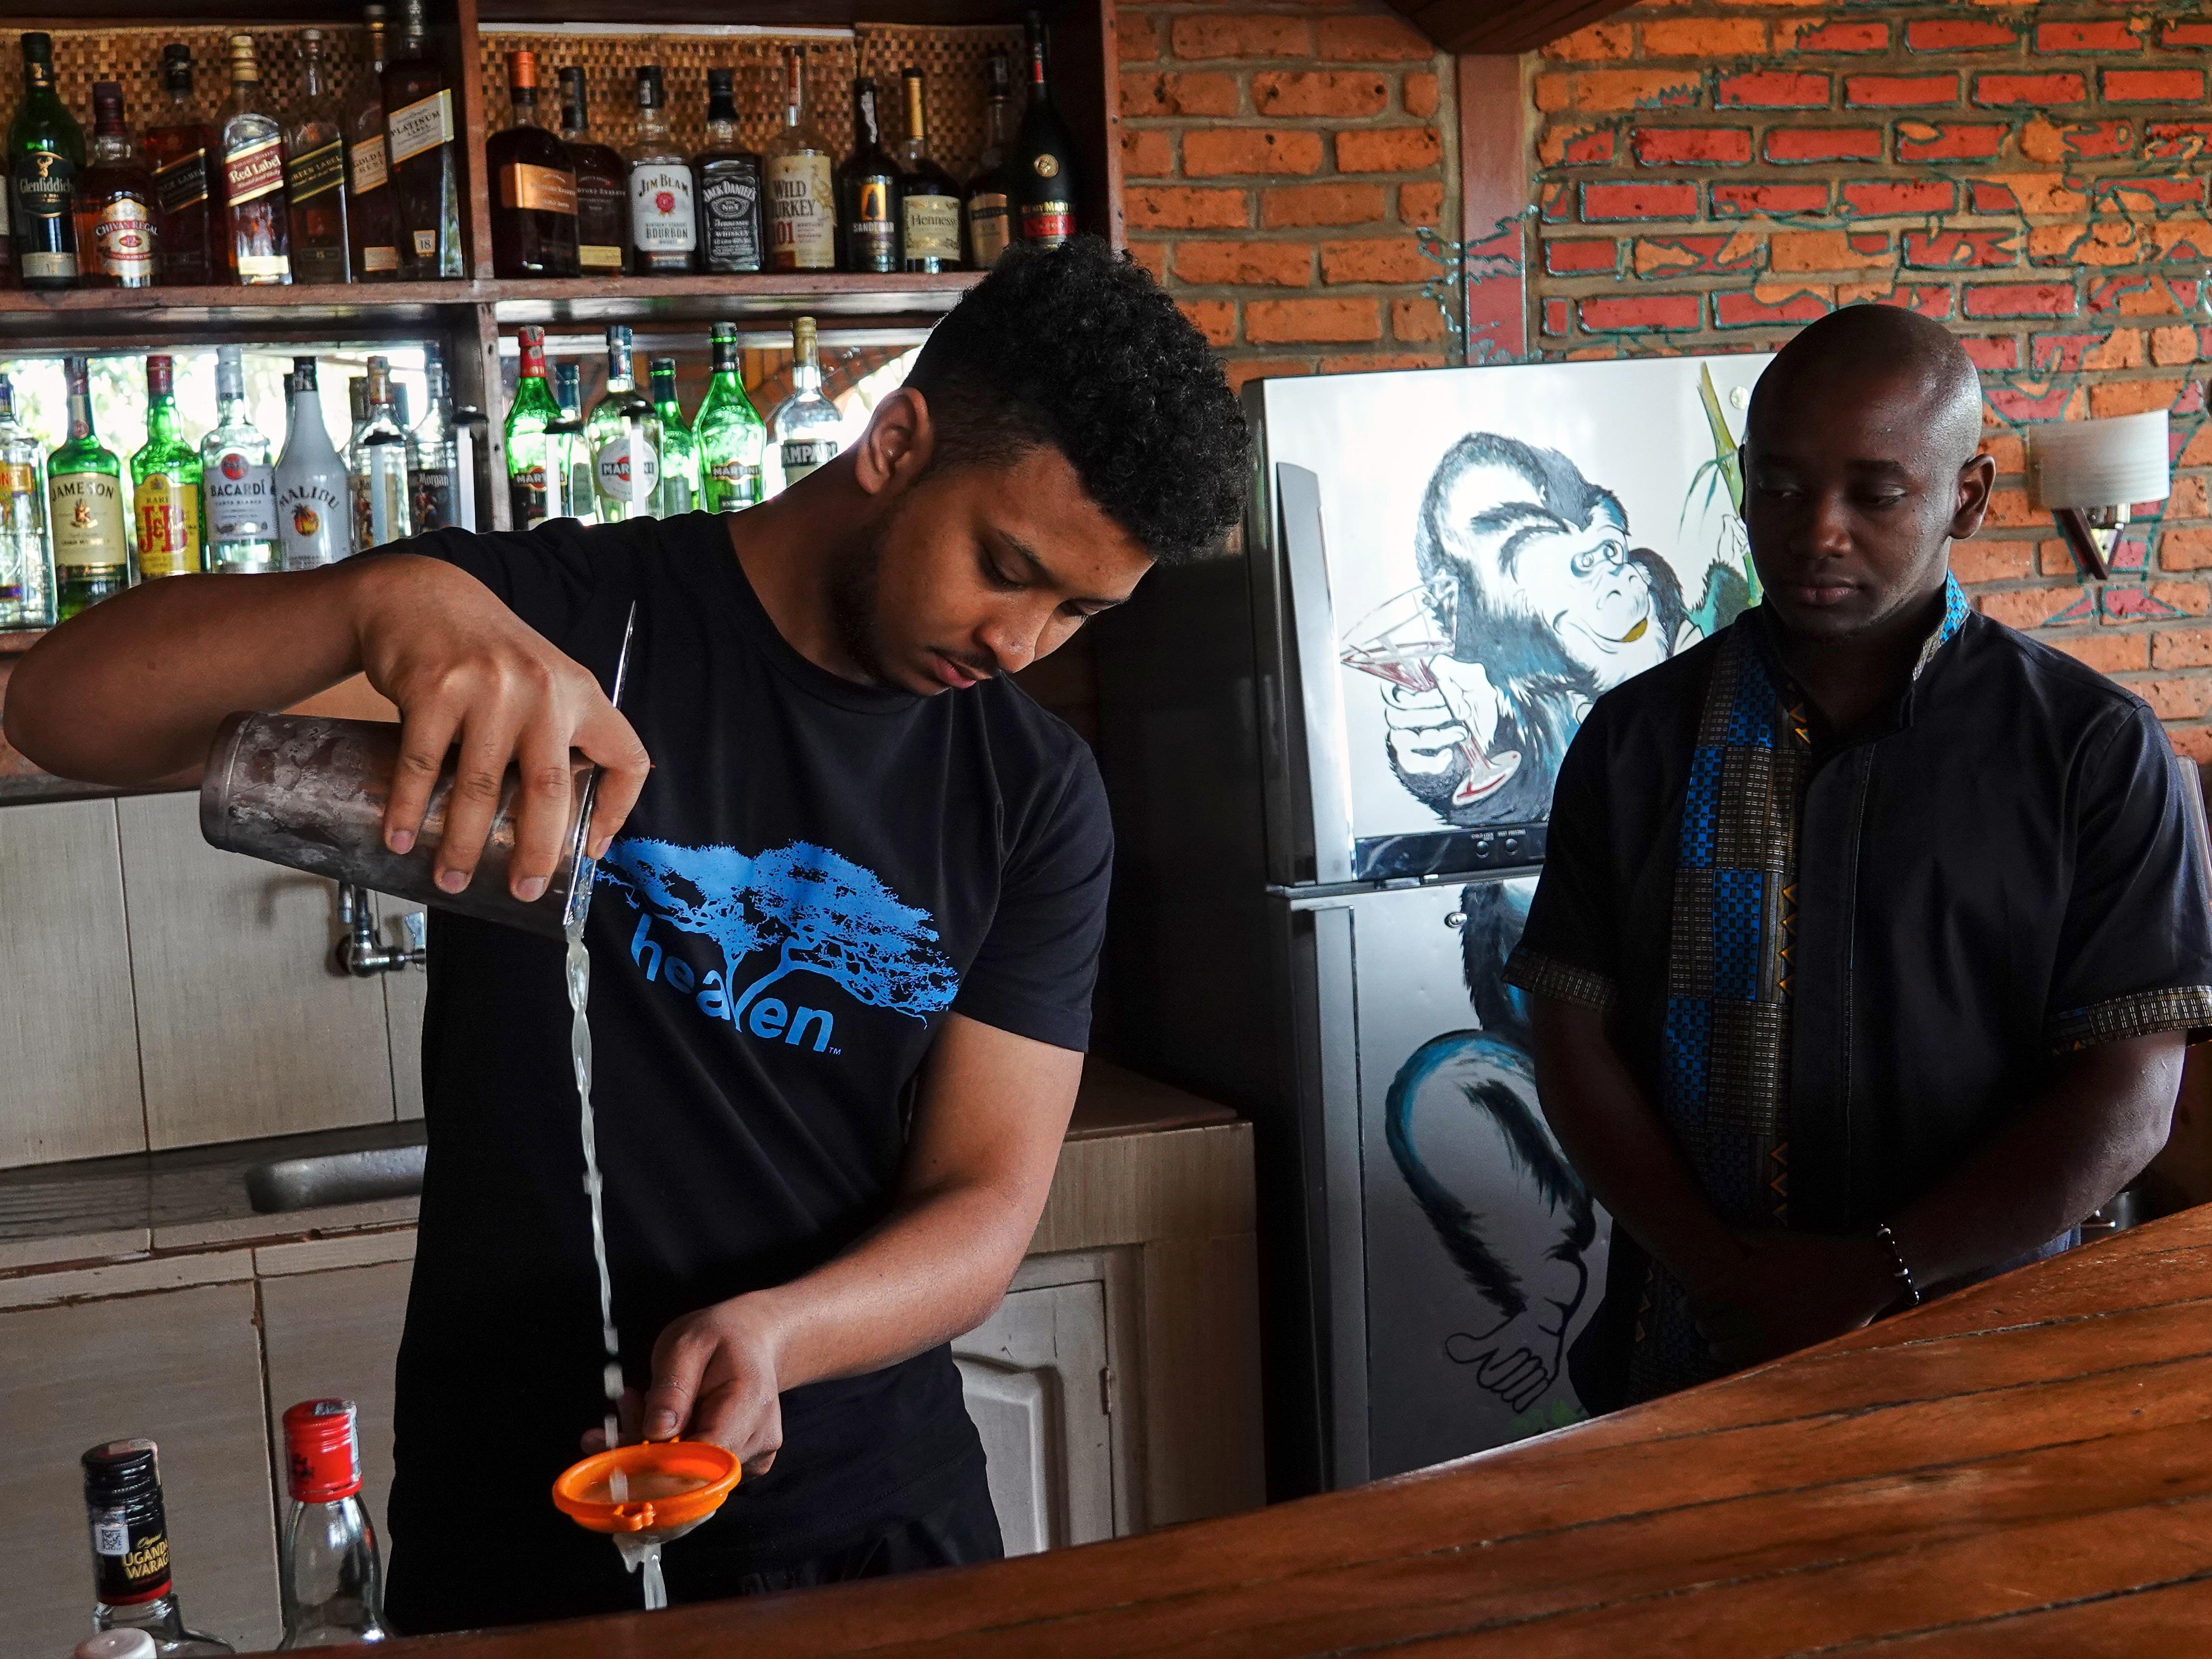 Un des barmans passe un liquide dans un tamis.